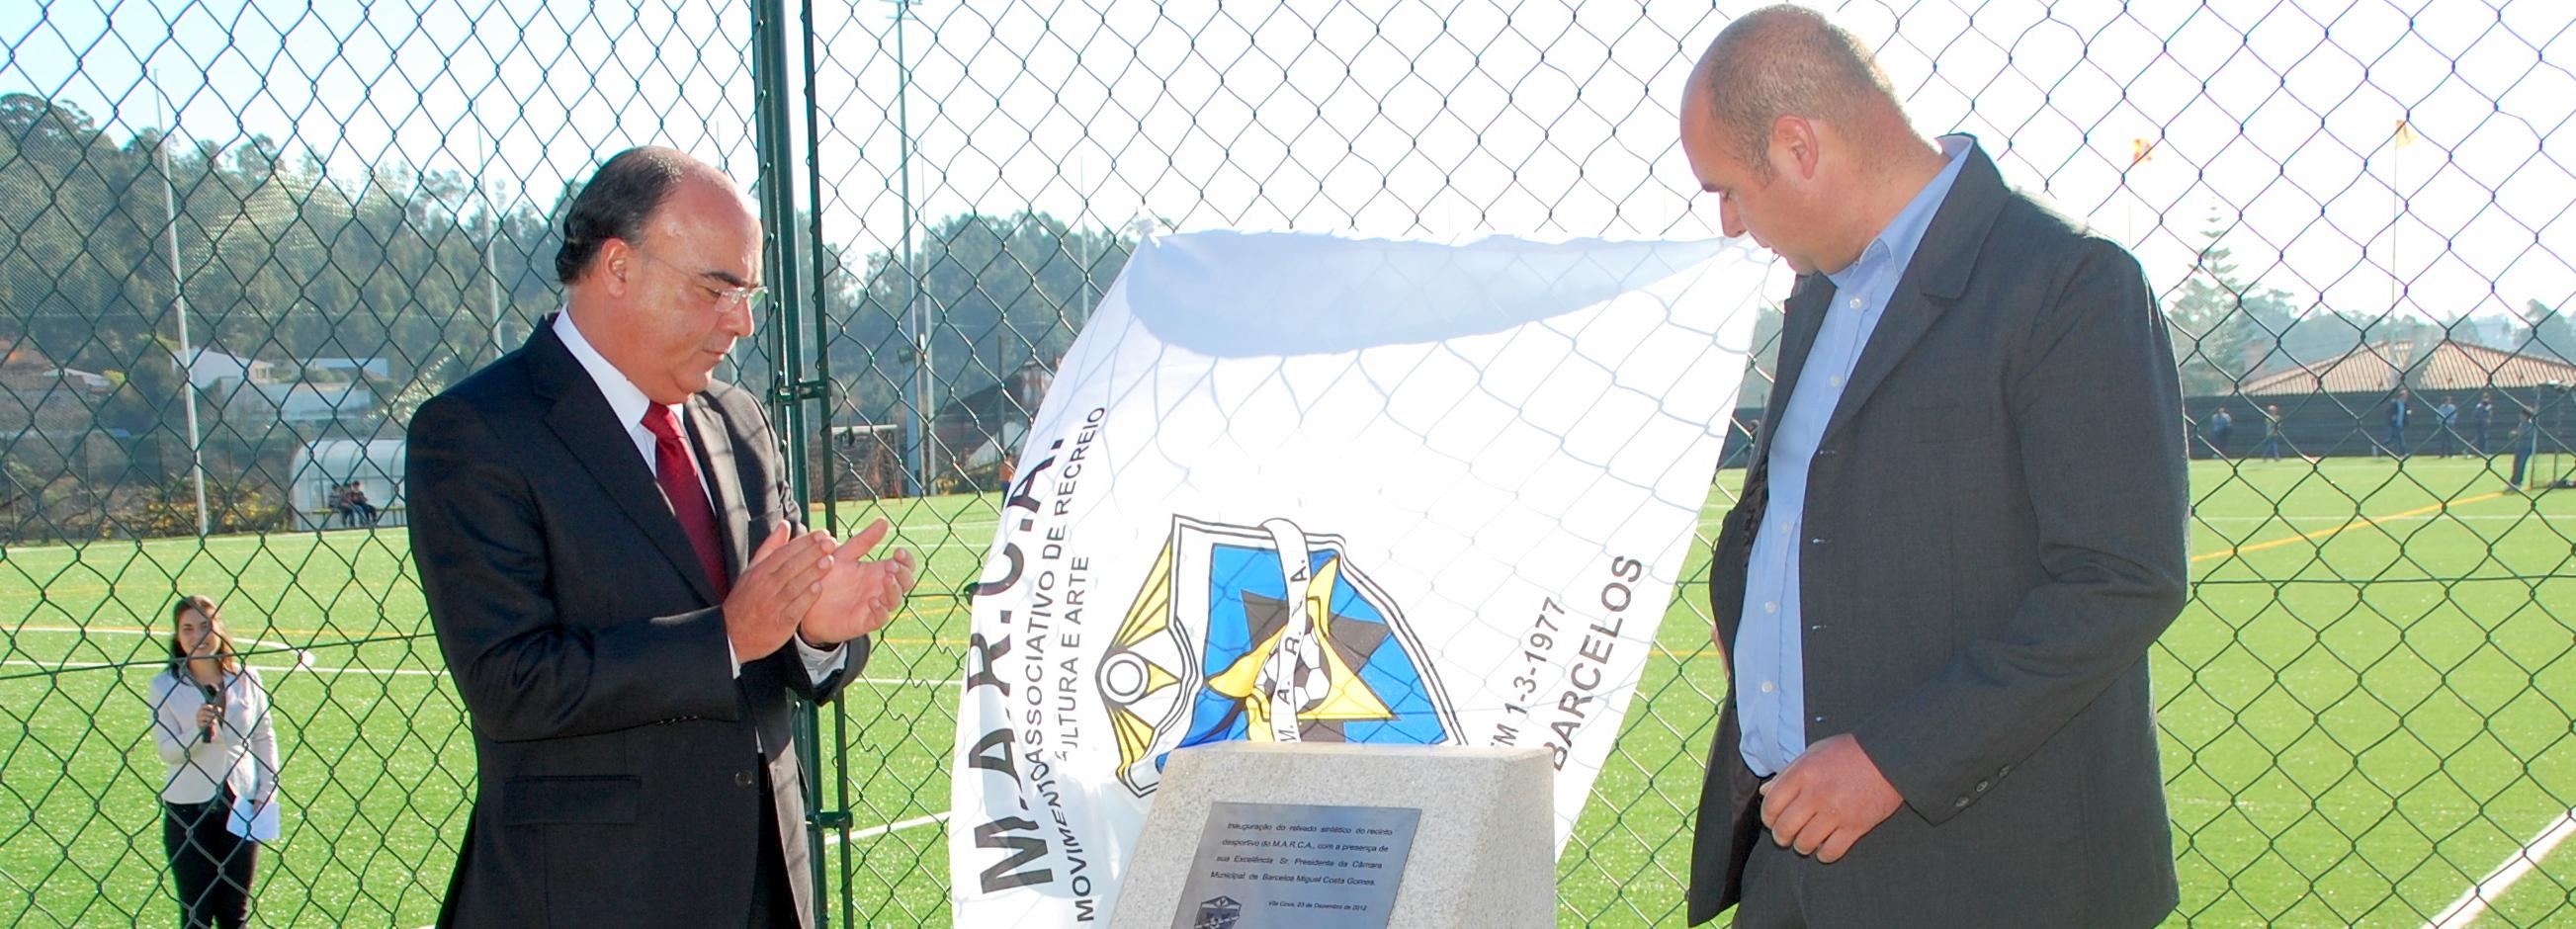 Presidente da Câmara inaugurou relvado do campo de futebol do MARCA